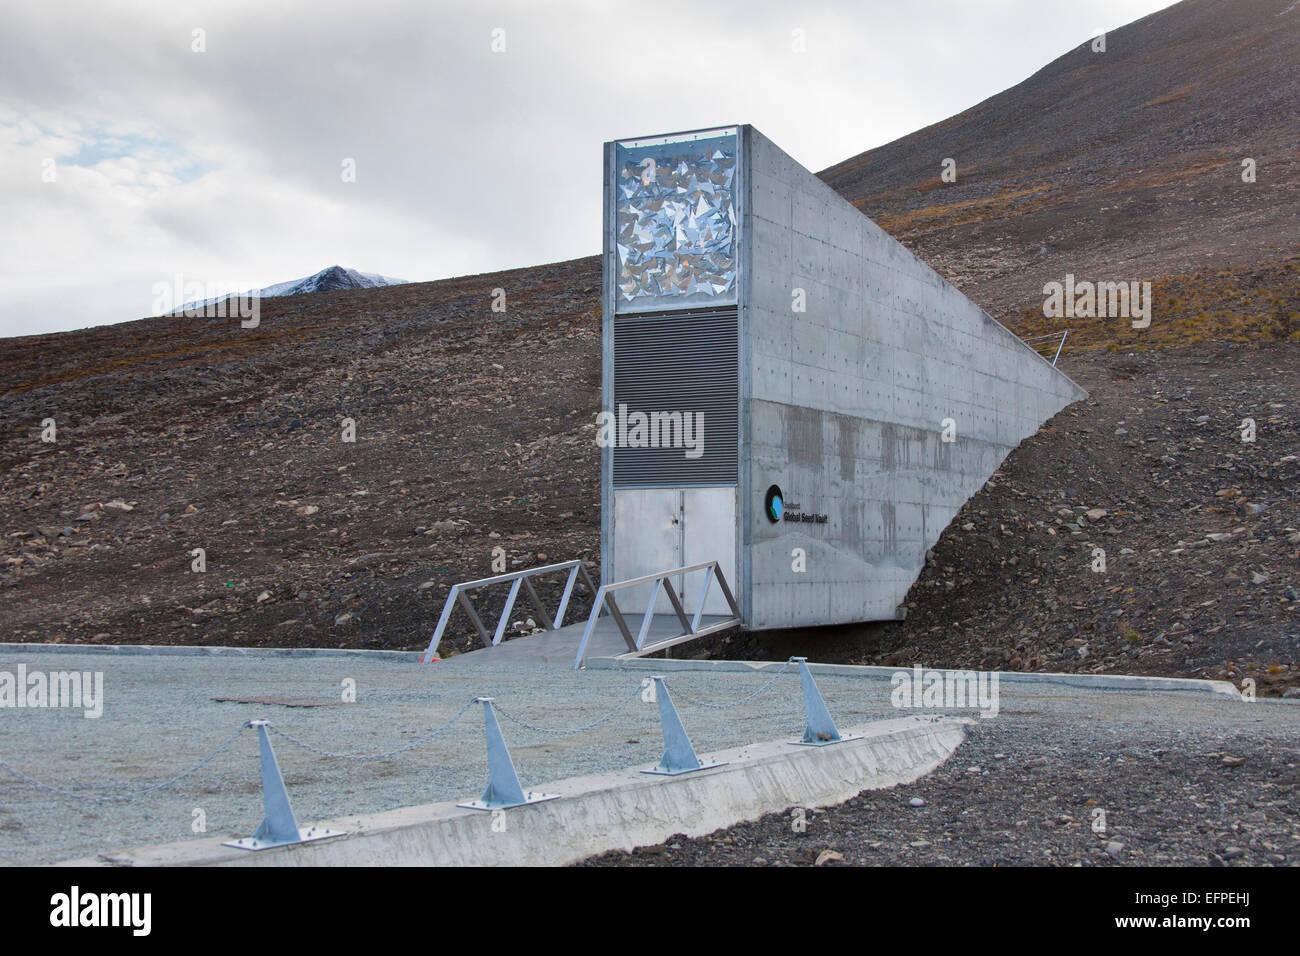 Entrance Svalbard Global Seed Vault largest seedbank wordwide Svalbard Norway - Stock Image